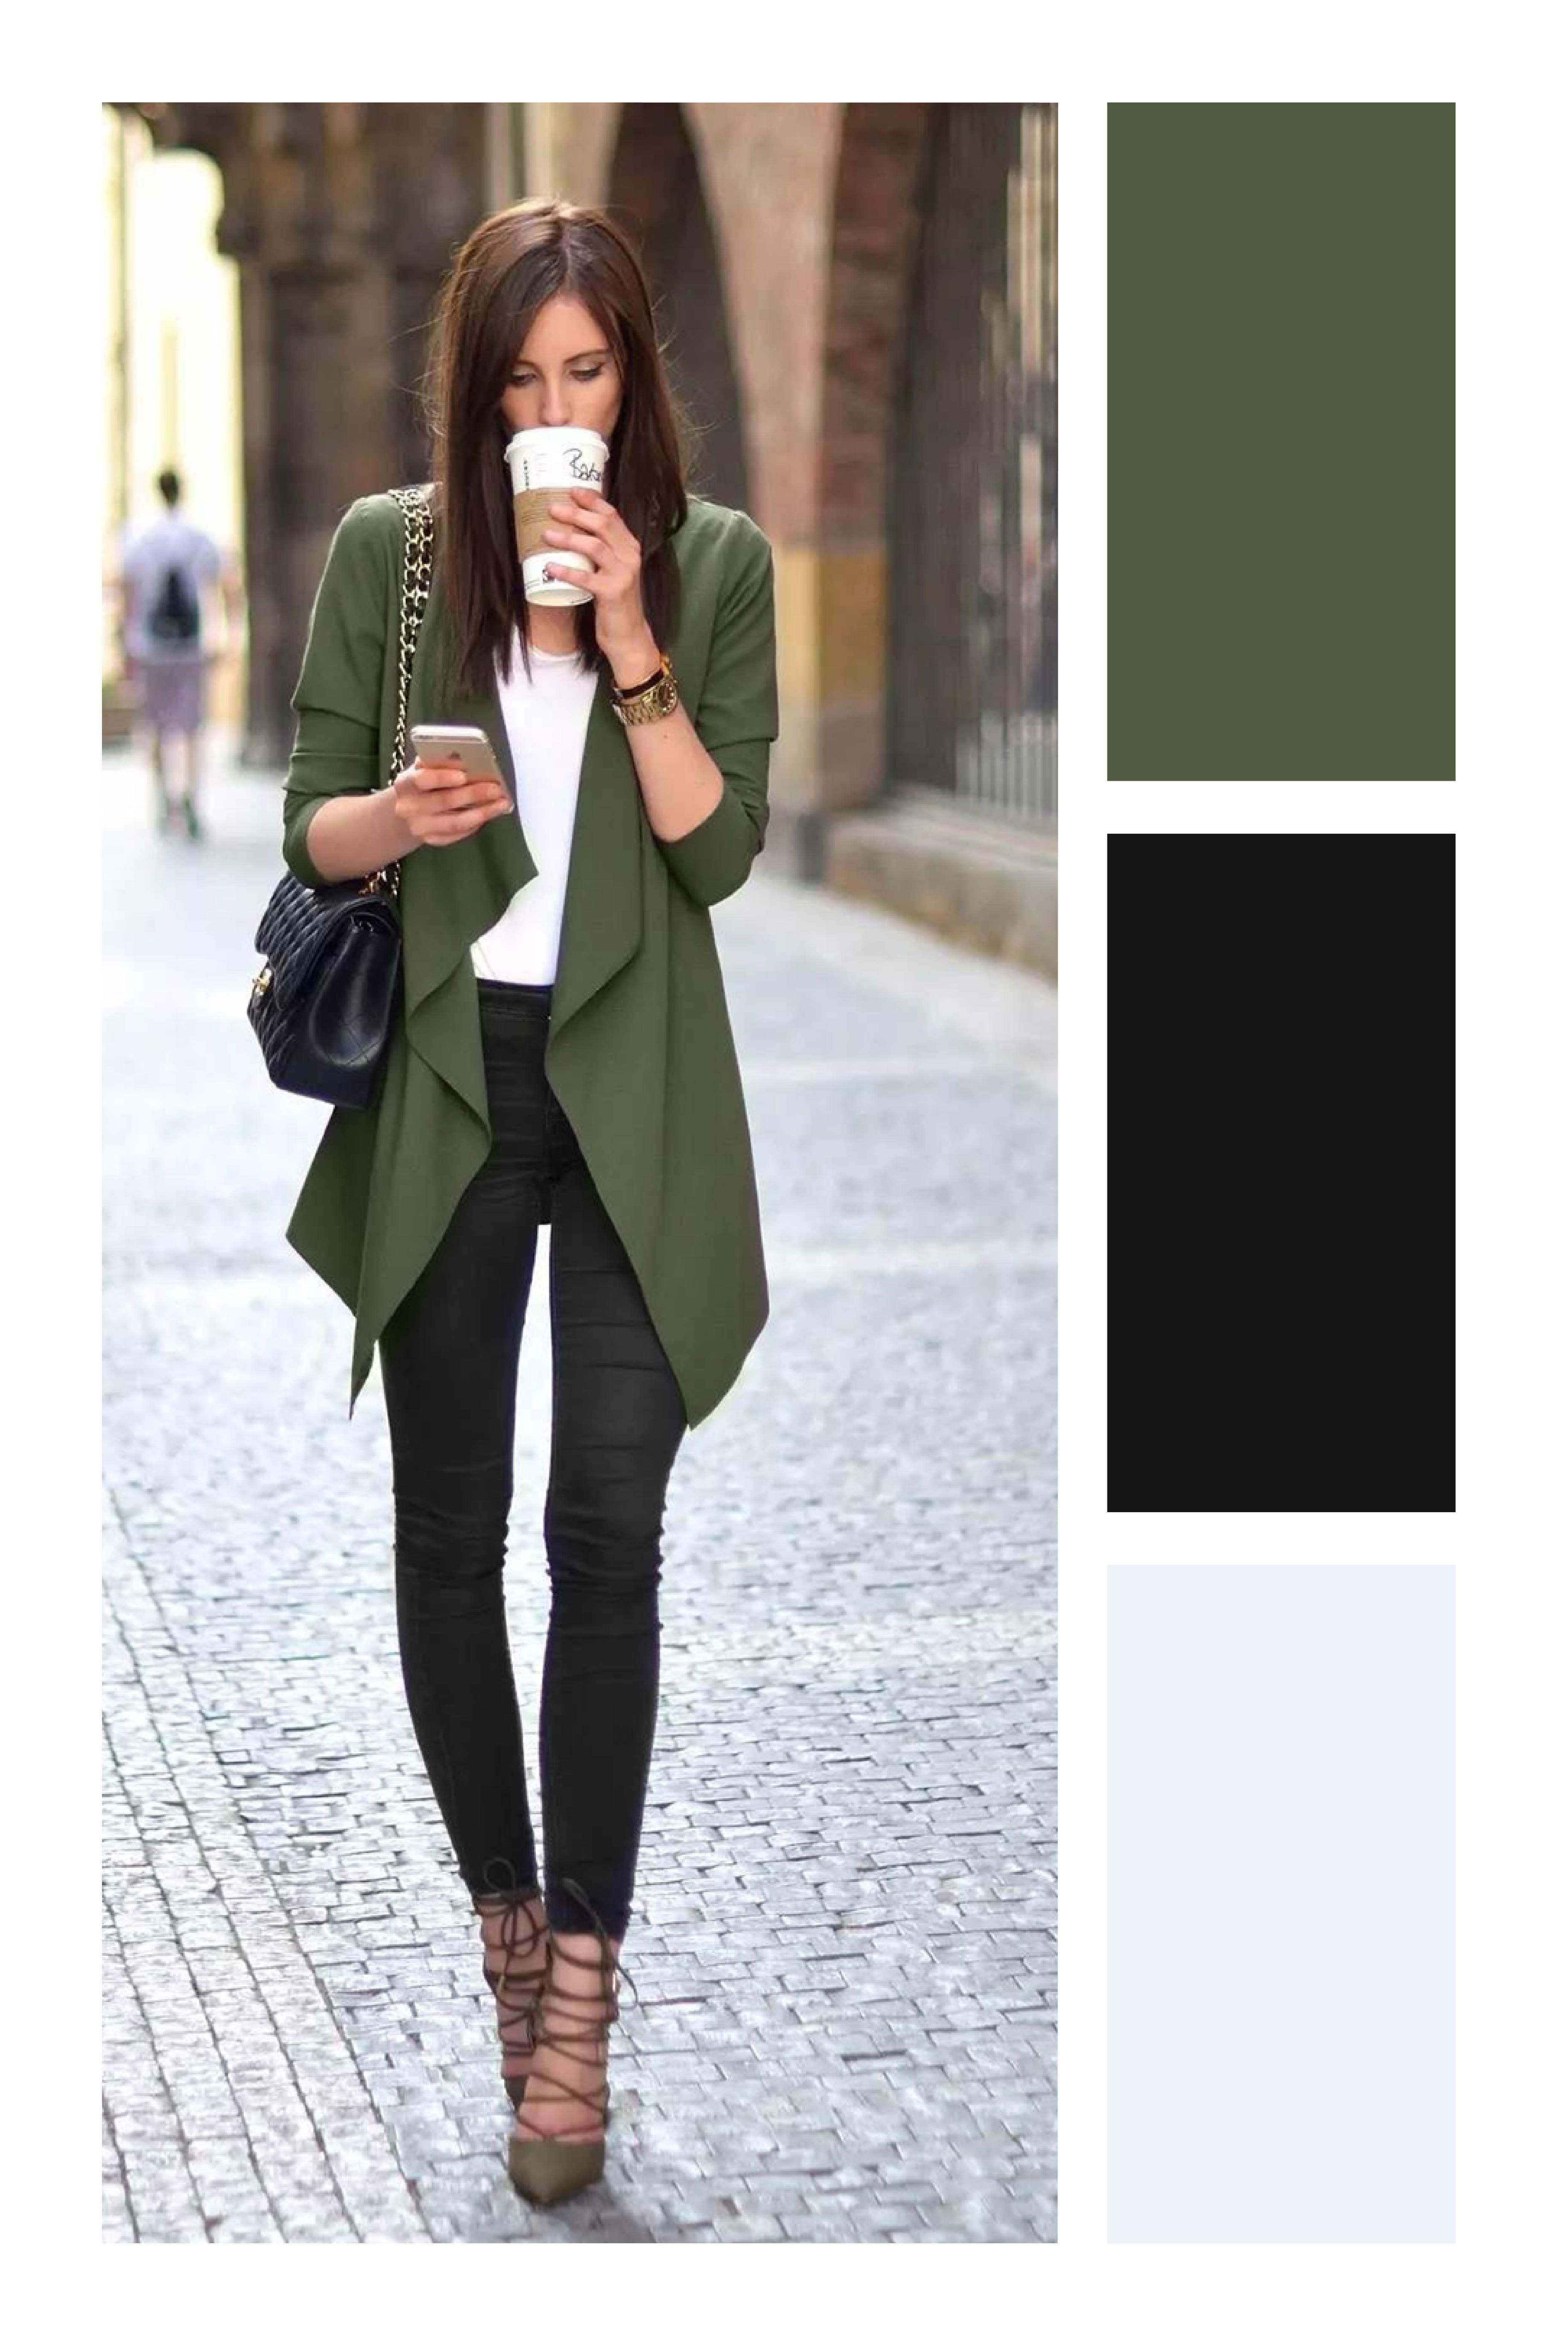 013ca213981 Cómo combinar el color verde militar #TiZKKAmoda #blazer #verde #blusa  #blanco #pantalón #negro #zapatillas #look #primavera #bolsa